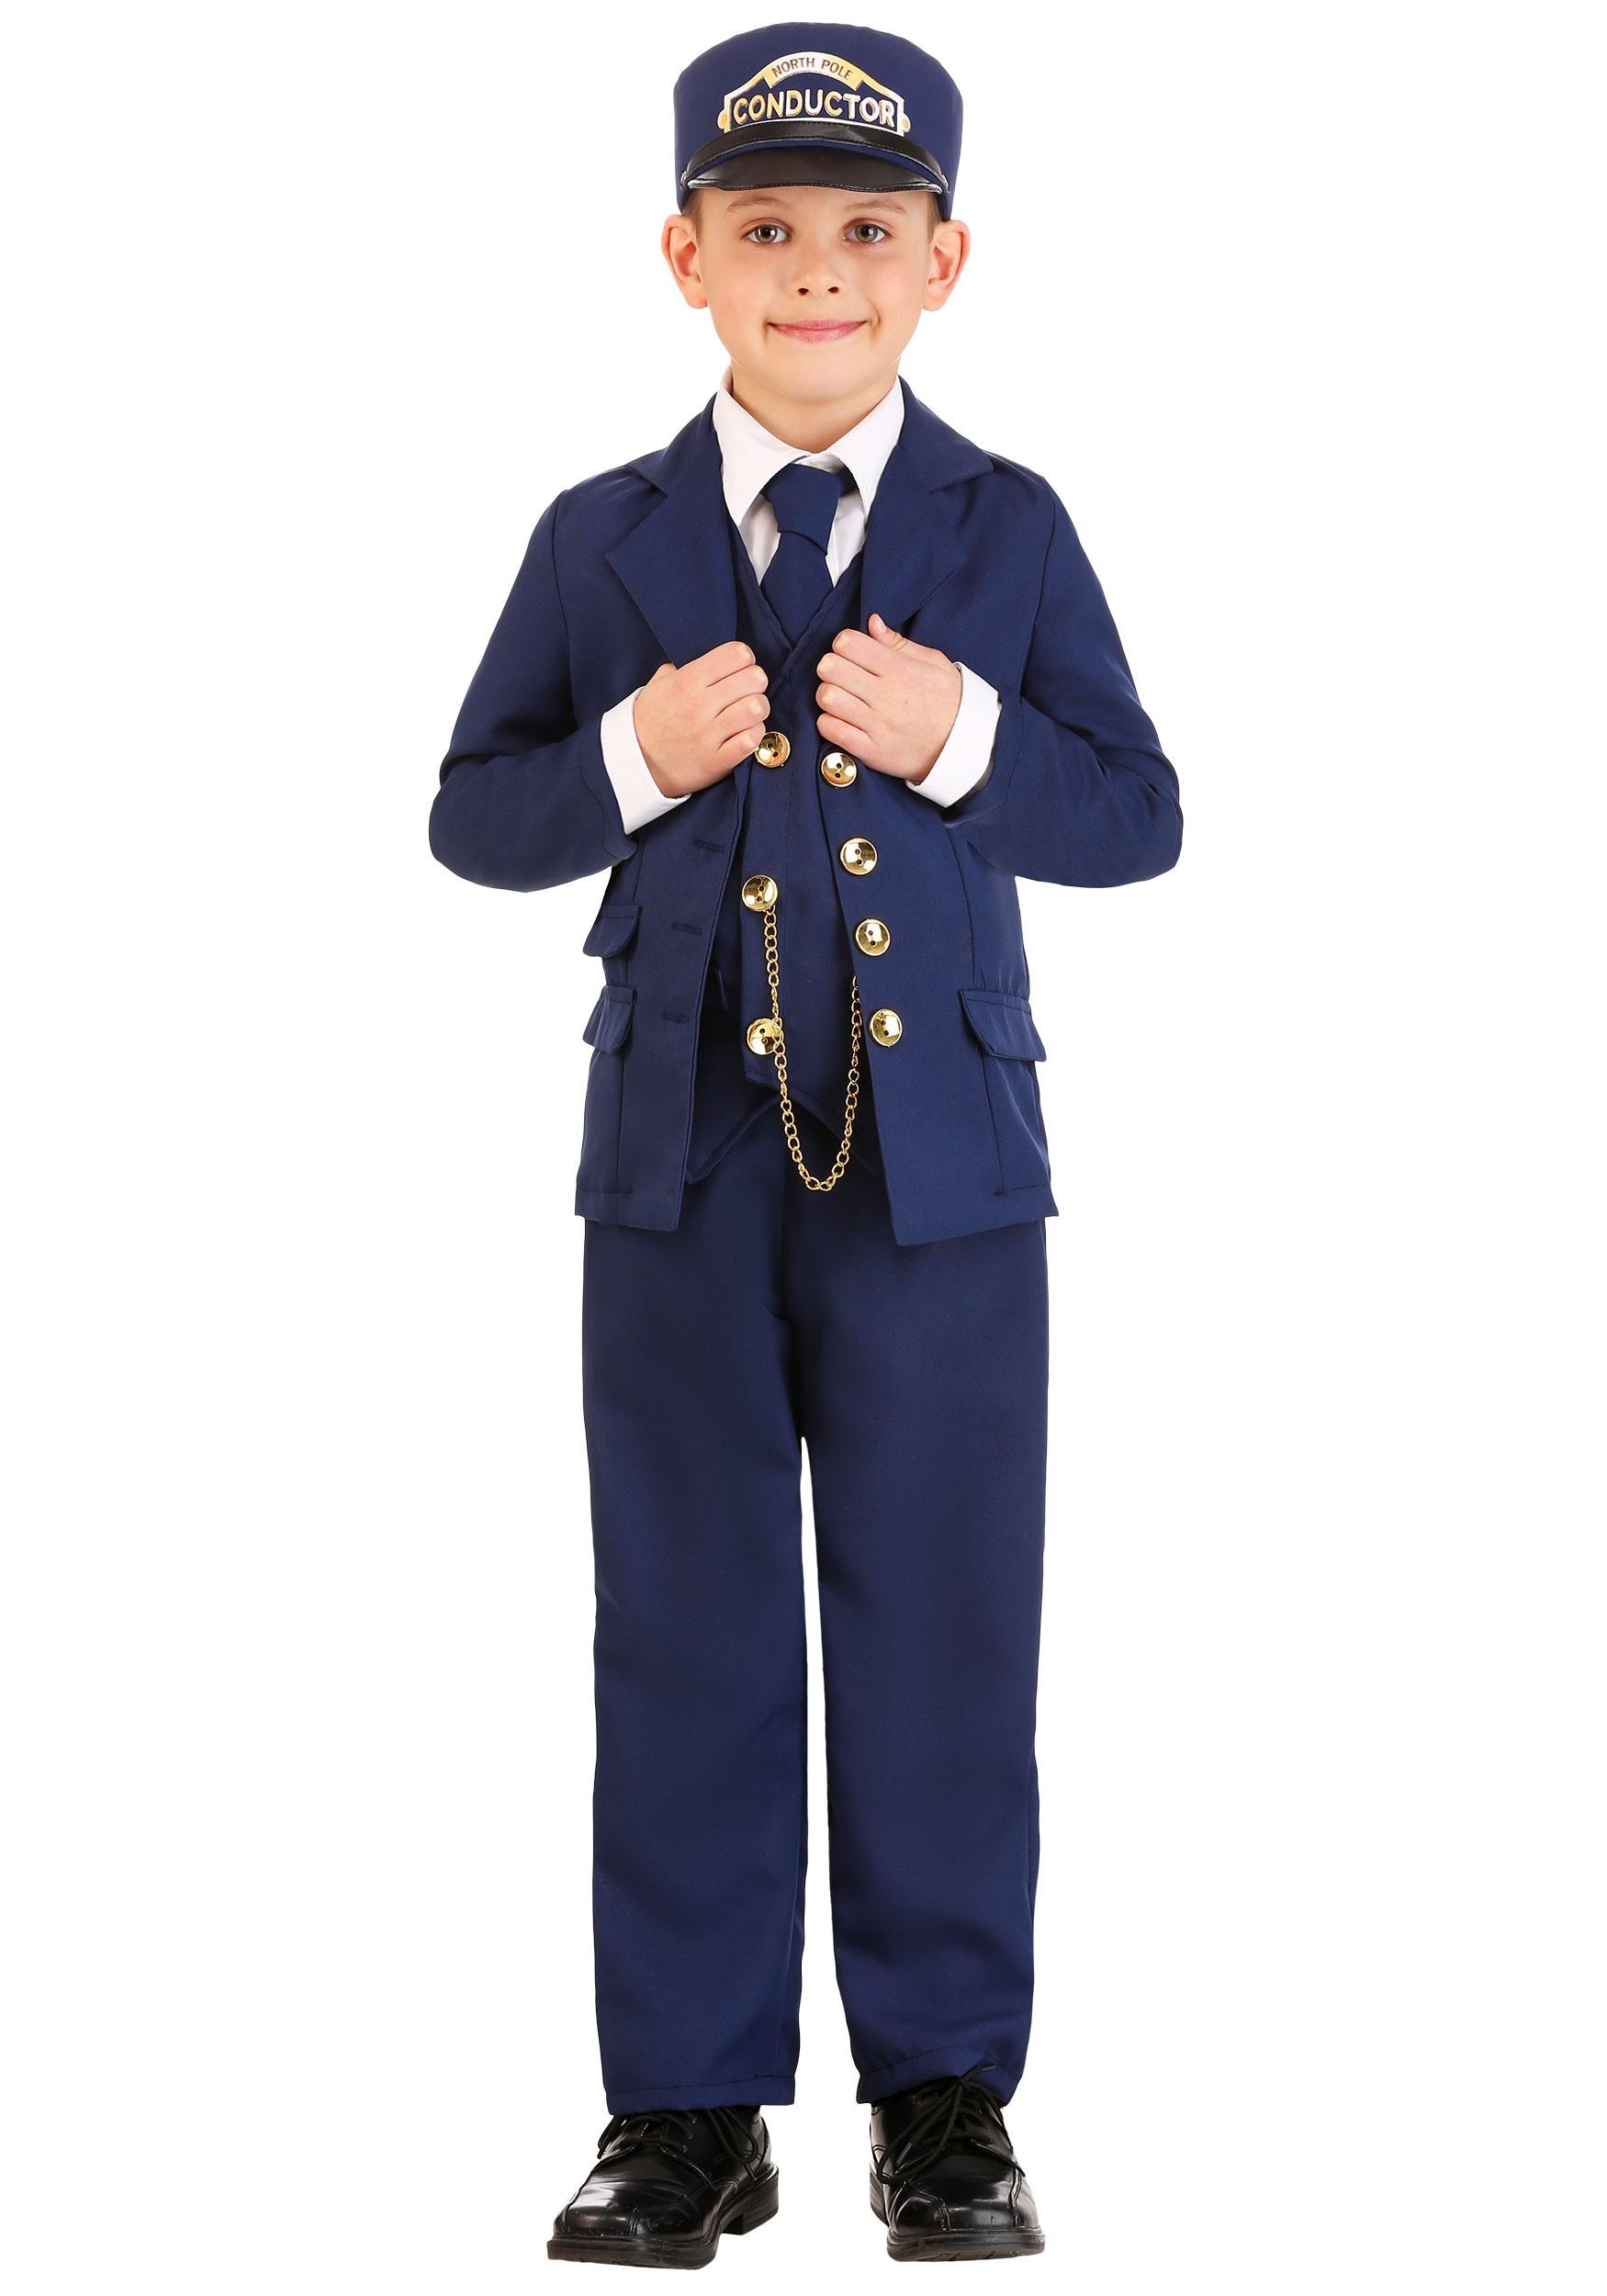 North Pole Train Conductor Costume for Boys